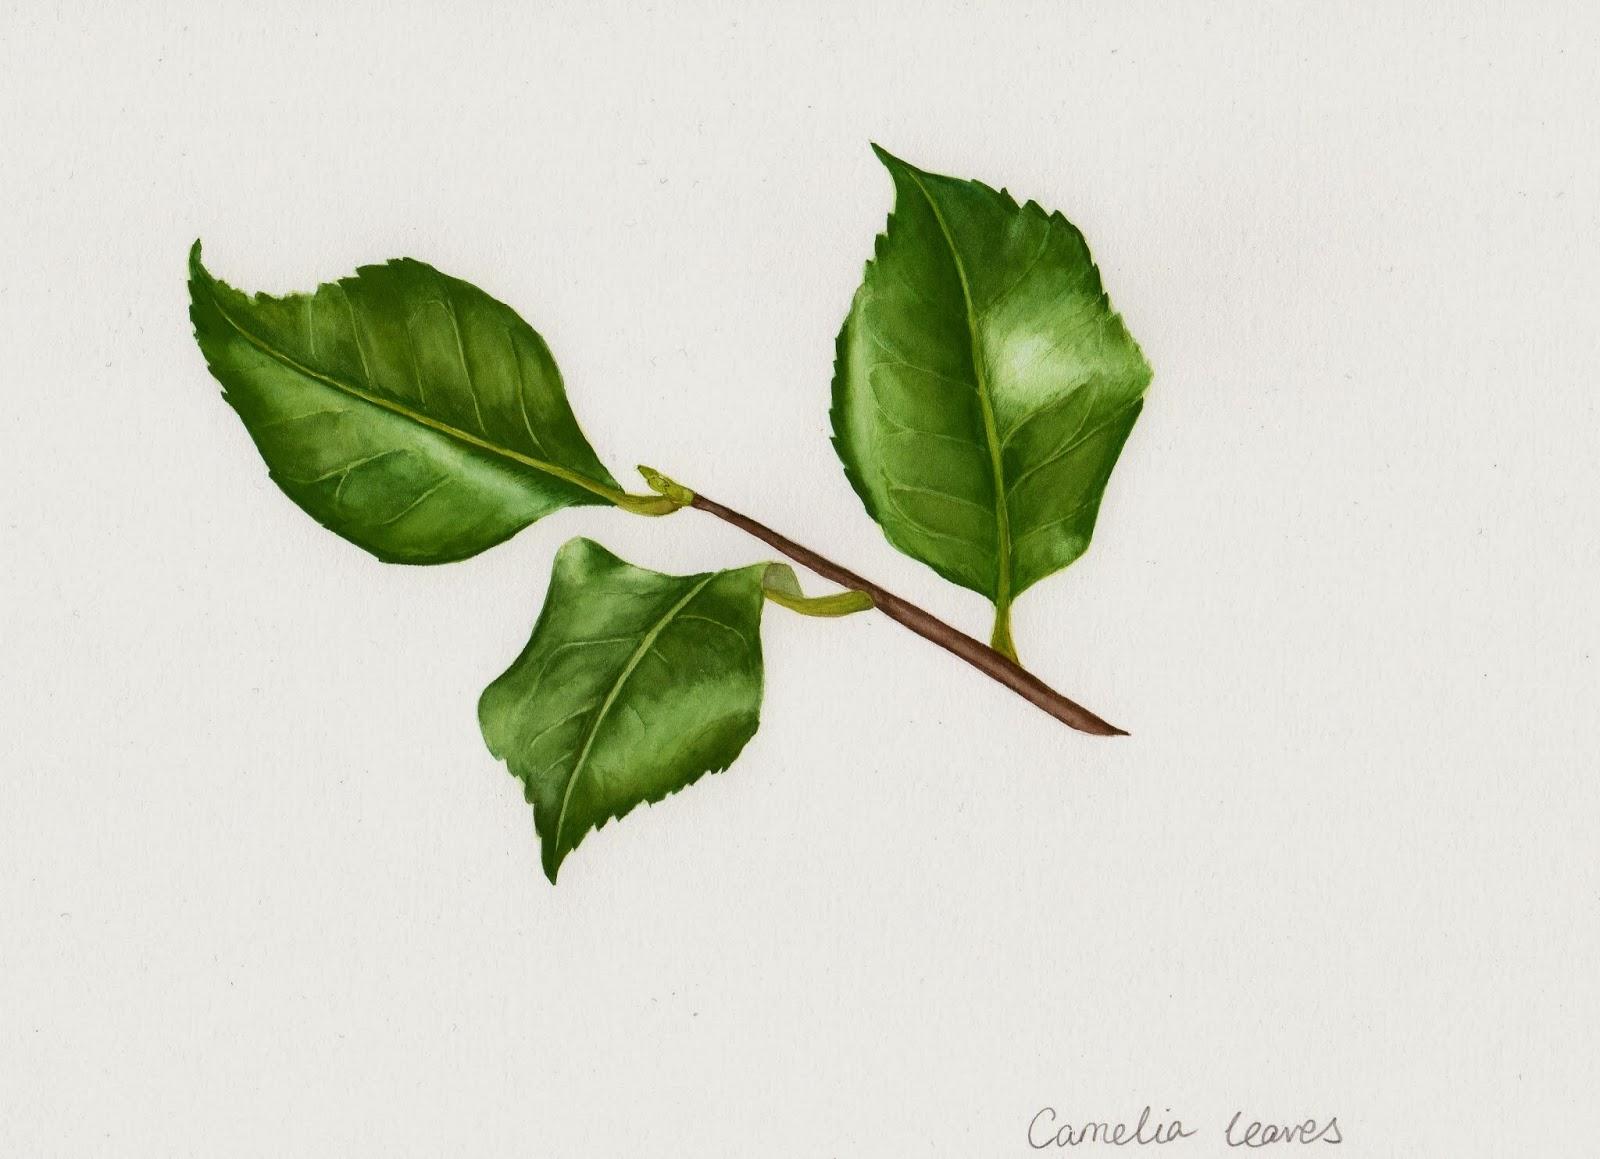 Drawings of Botanical Things: Camelia leaves